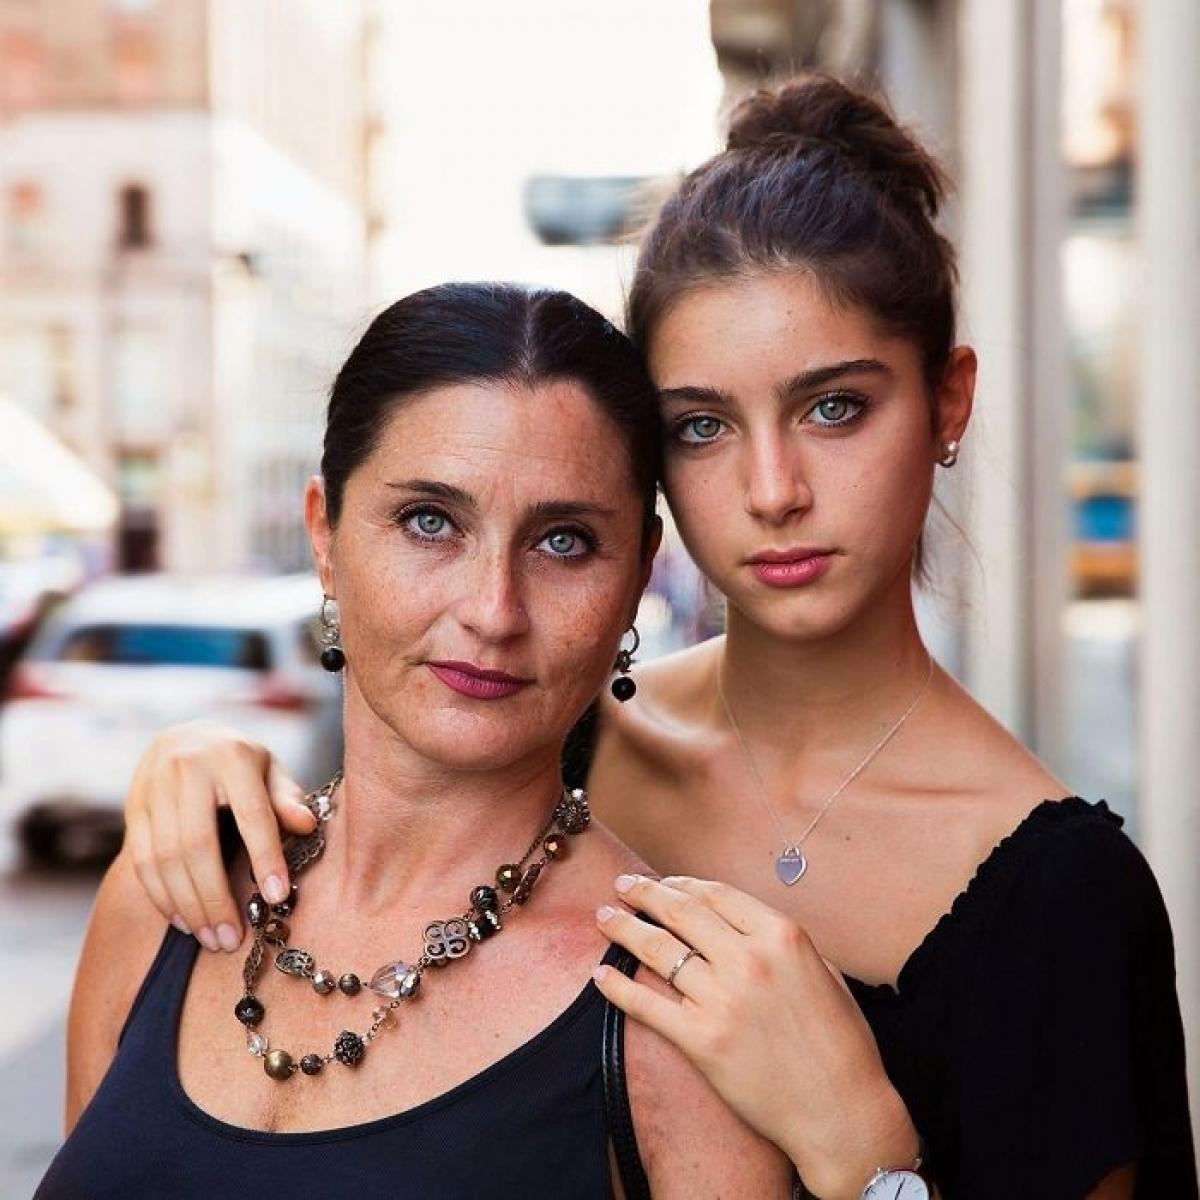 Trong ảnh là vũ công Caterina đến từ Ý, cô luôn nhận được sự giúp đỡ và ủng hộ từ mẹ của mình - Barbara.